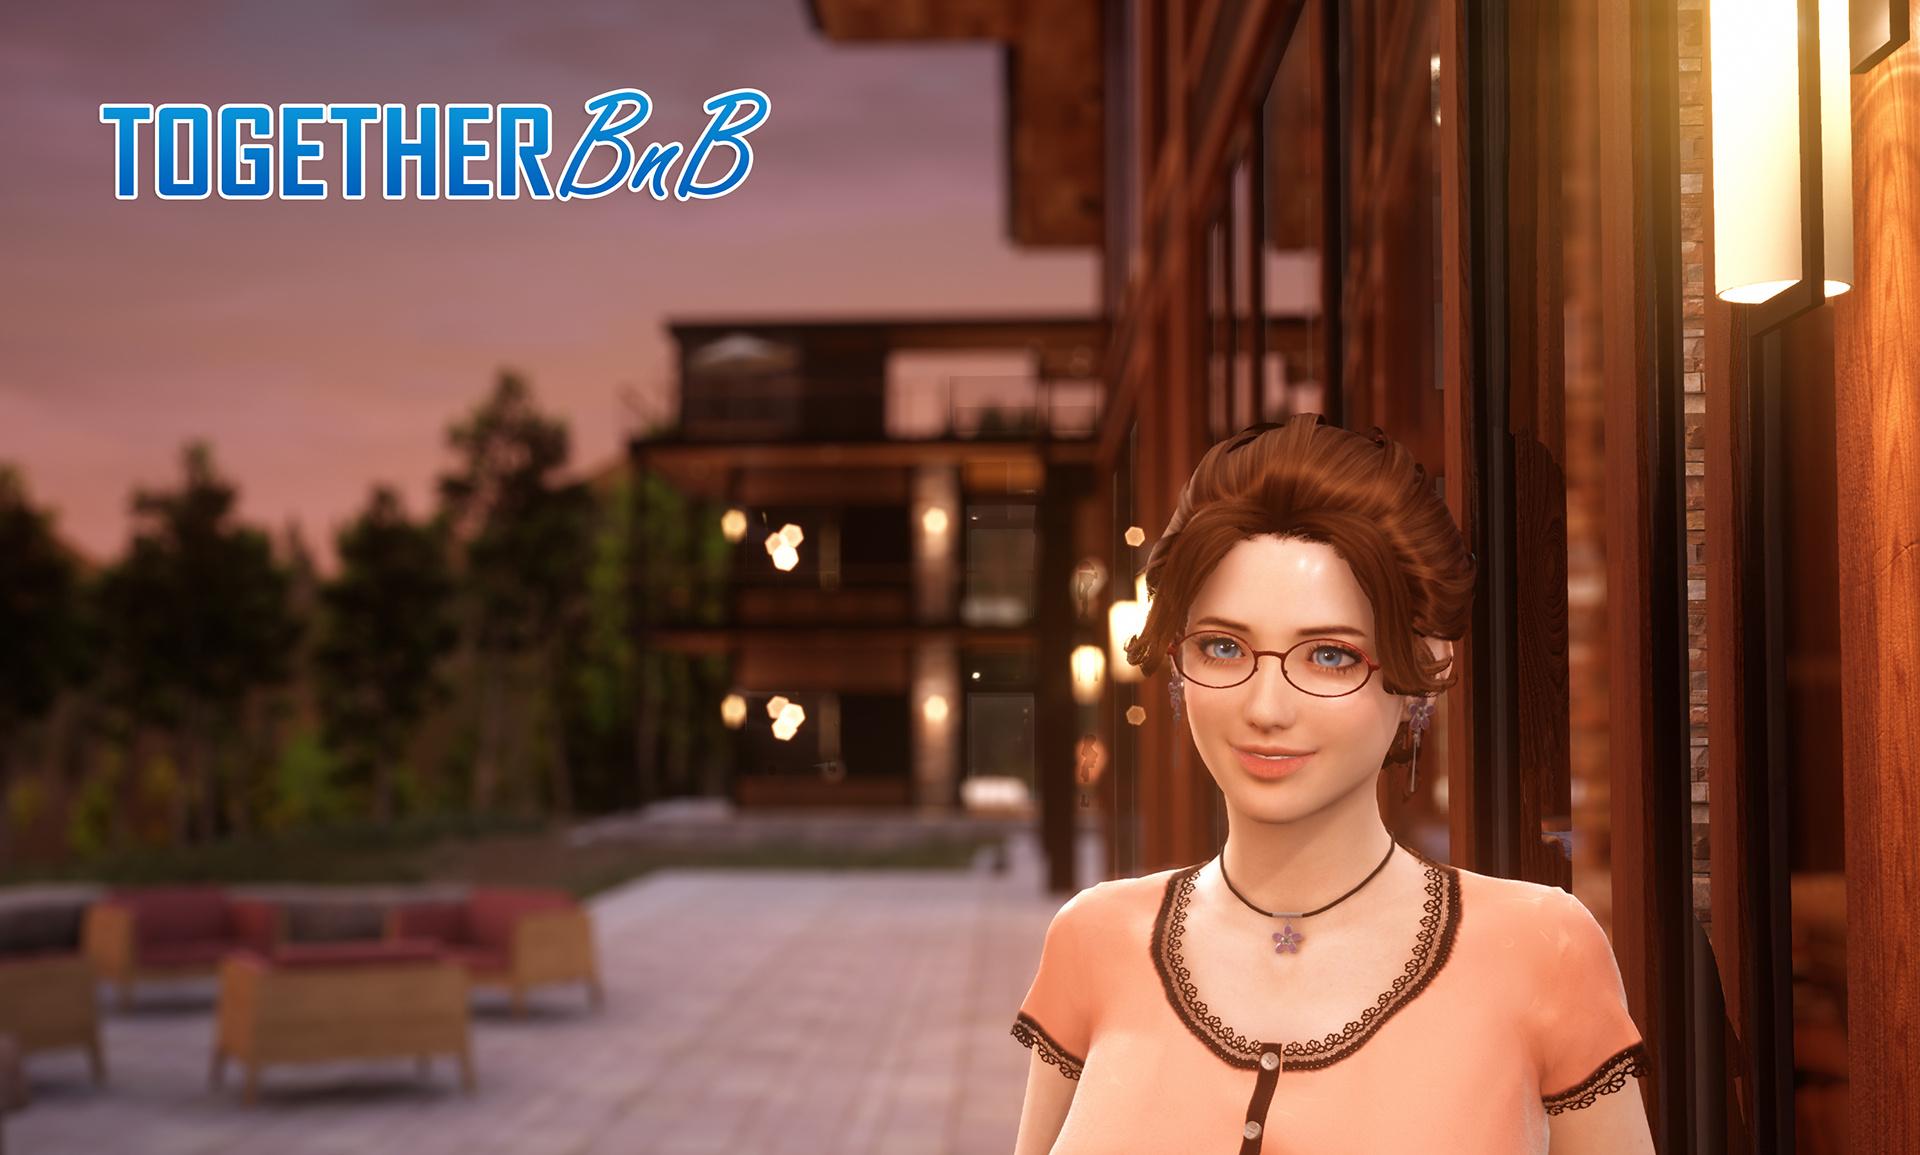 女主像高嘉瑜?3D國產18禁遊戲《Together BnB》開發中!